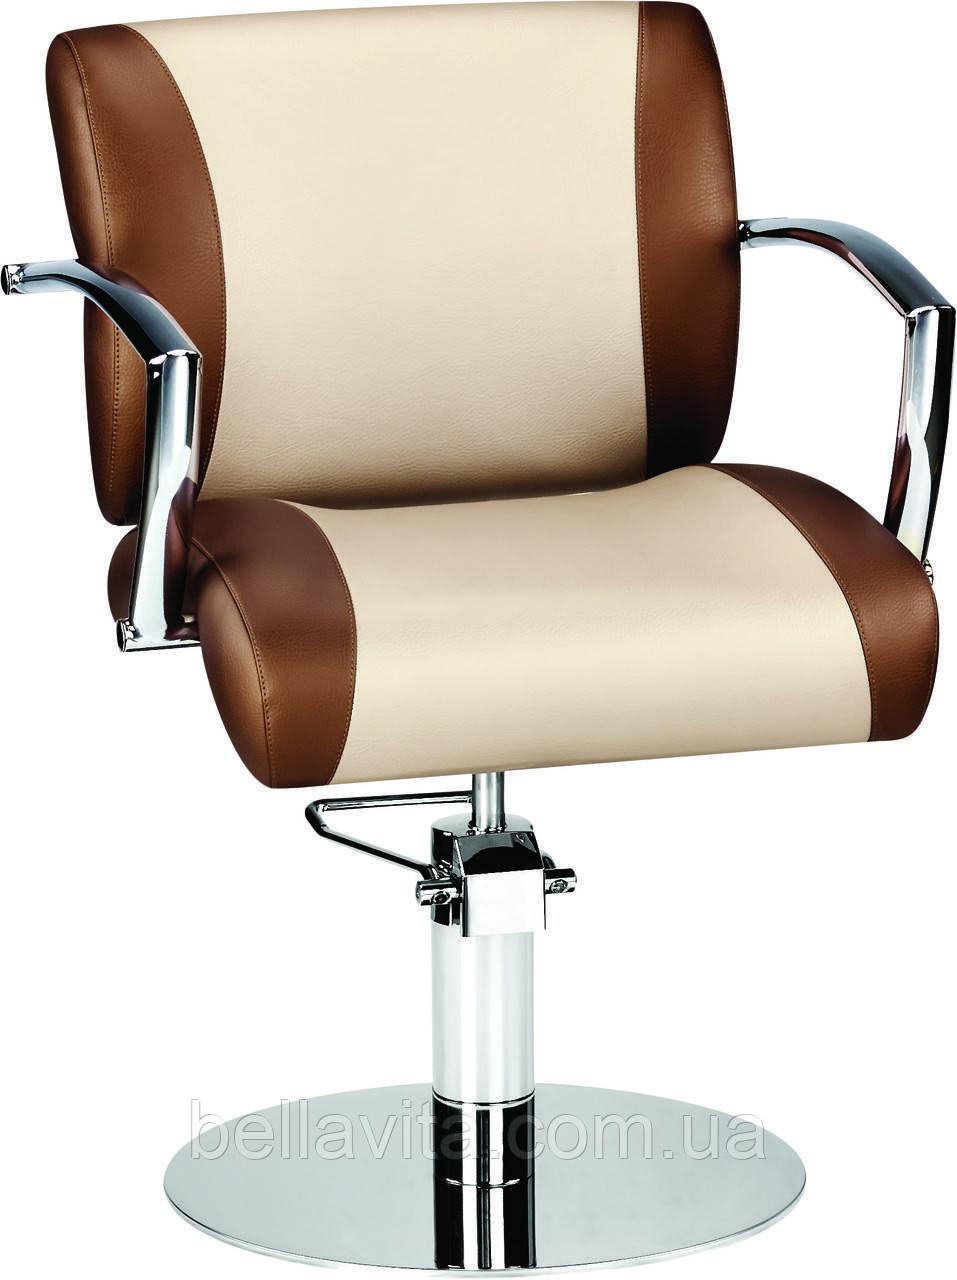 Перукарське крісло Єві